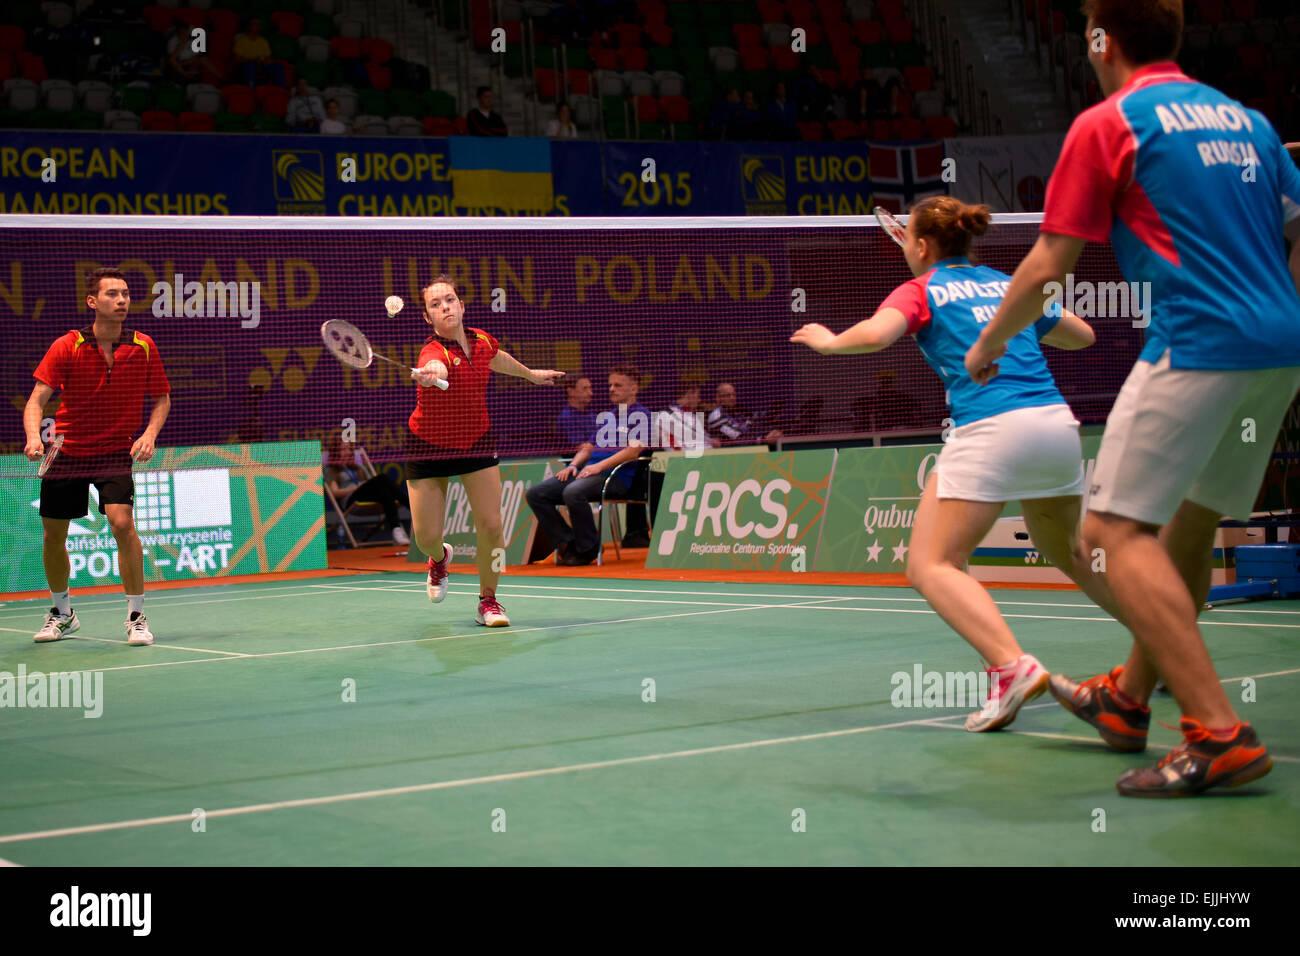 Lubin, Pologne. Mar 27, 2015. Tournoi de badminton en équipe lors des Championnats d'Europe Junior 2015. Photo Stock